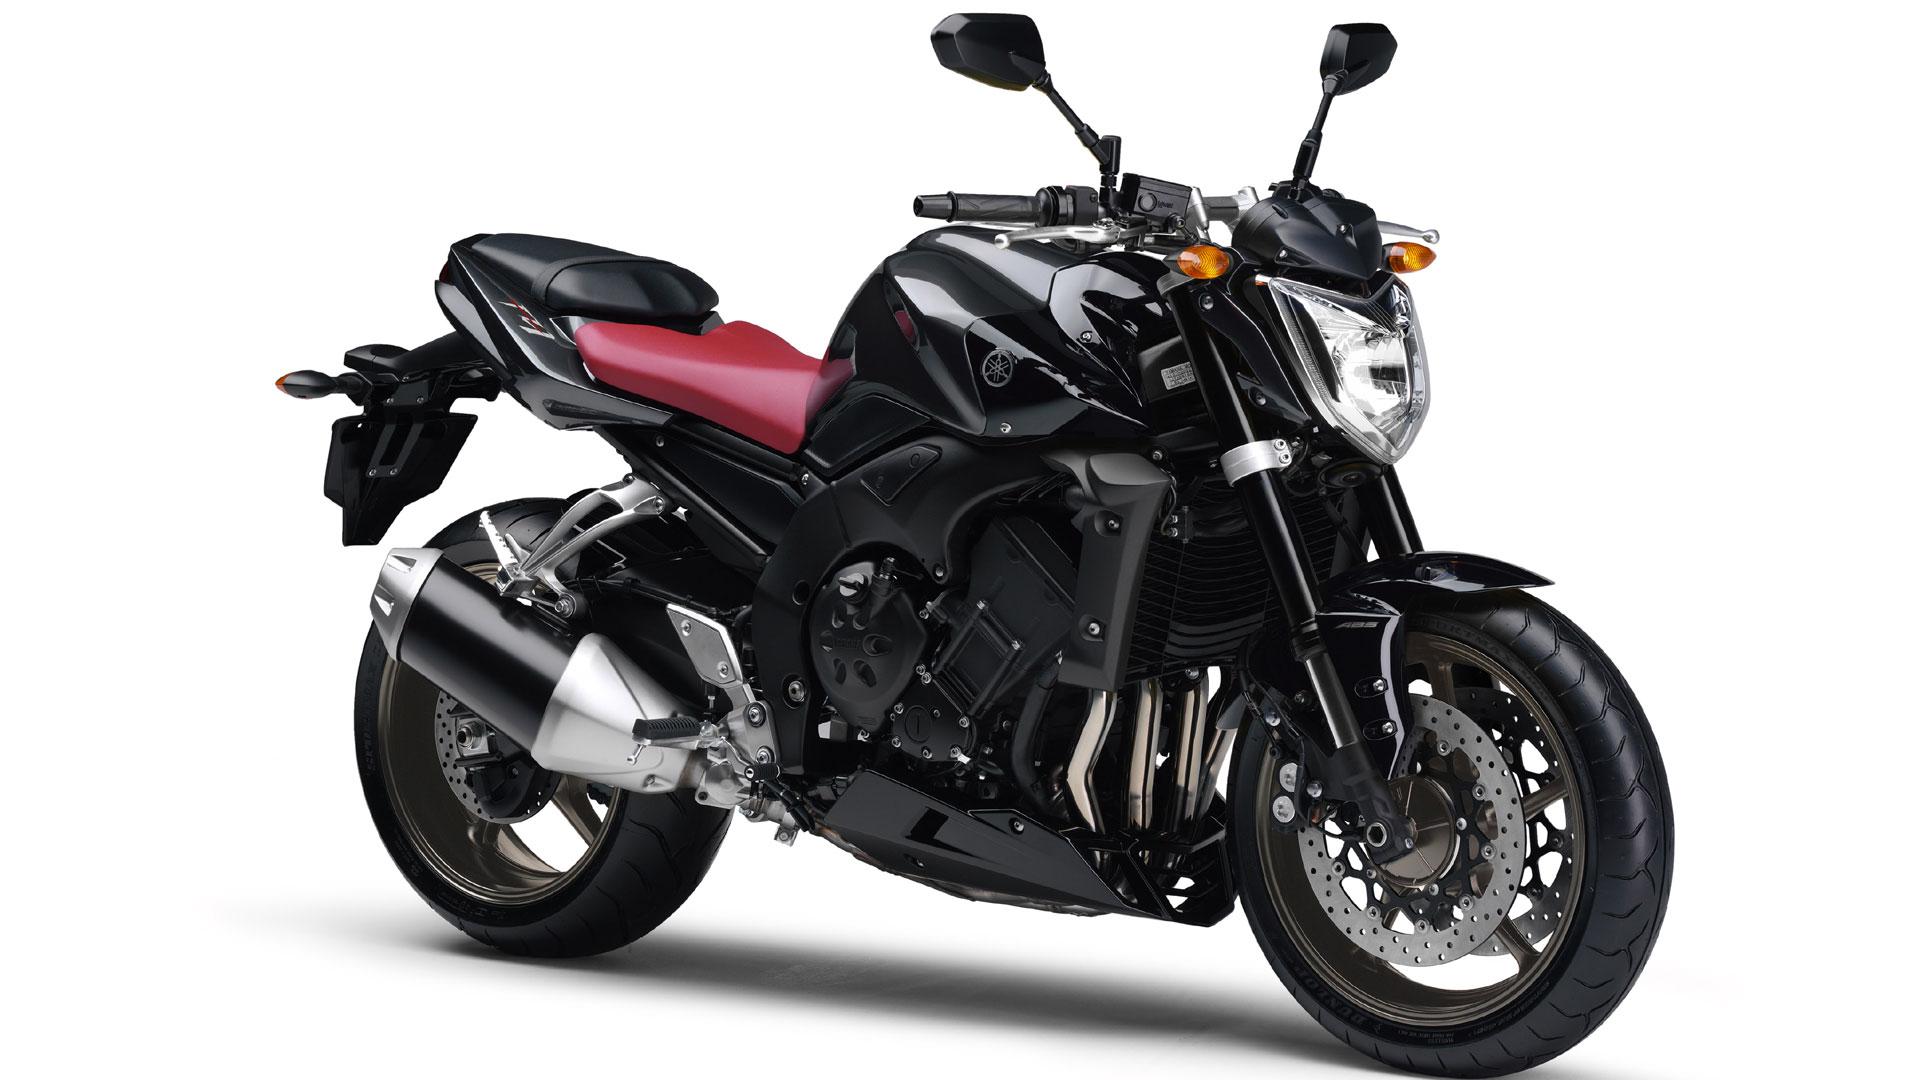 Yamaha Fz1 2013 Std Price Mileage Reviews